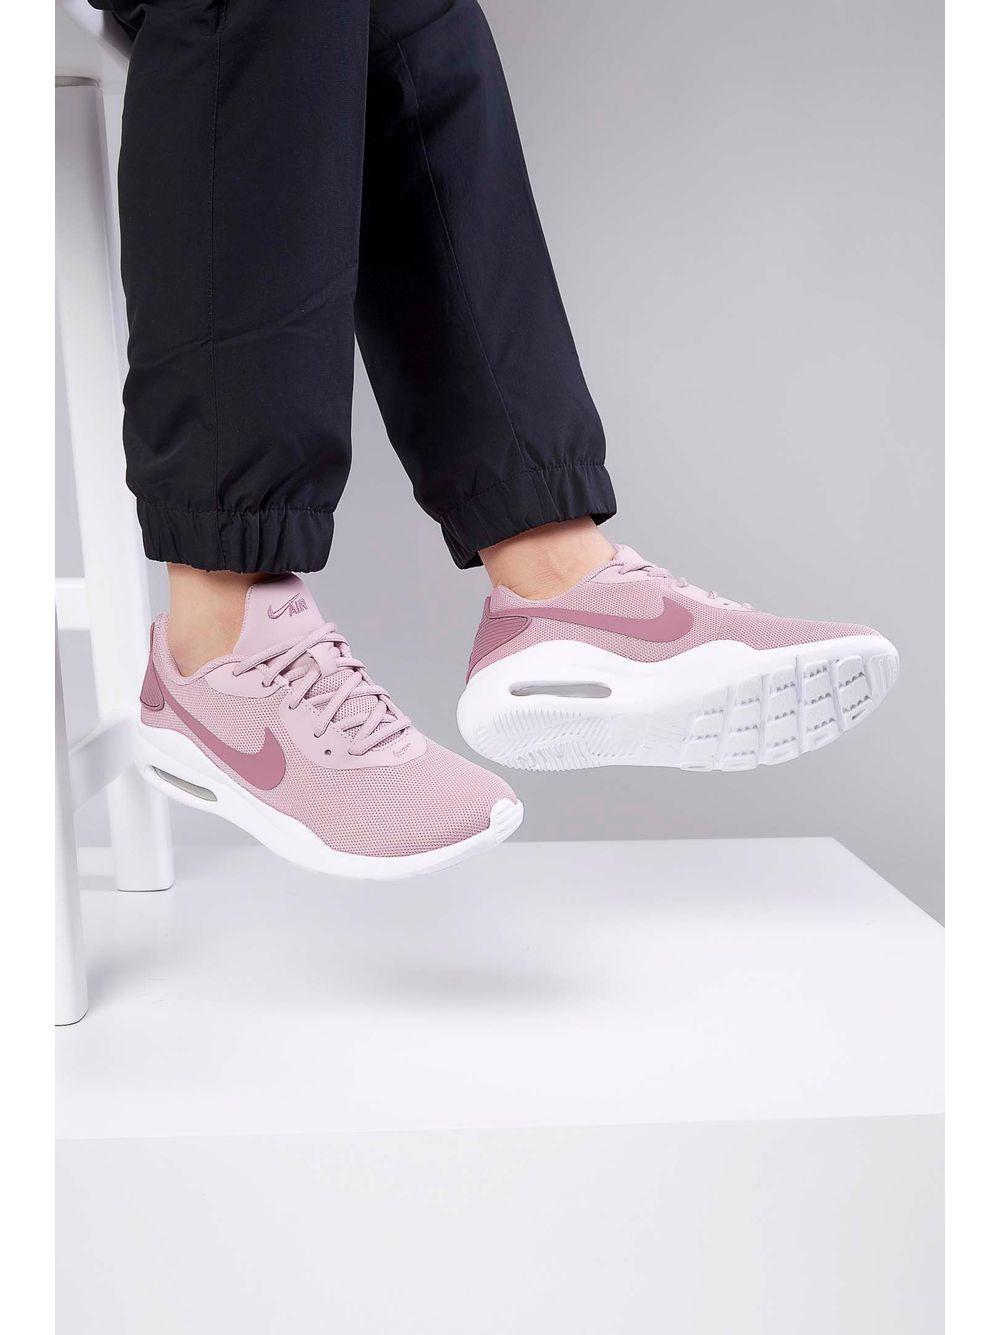 58544e9865 Tênis Nike Air Max Oketo Lilas - pittol